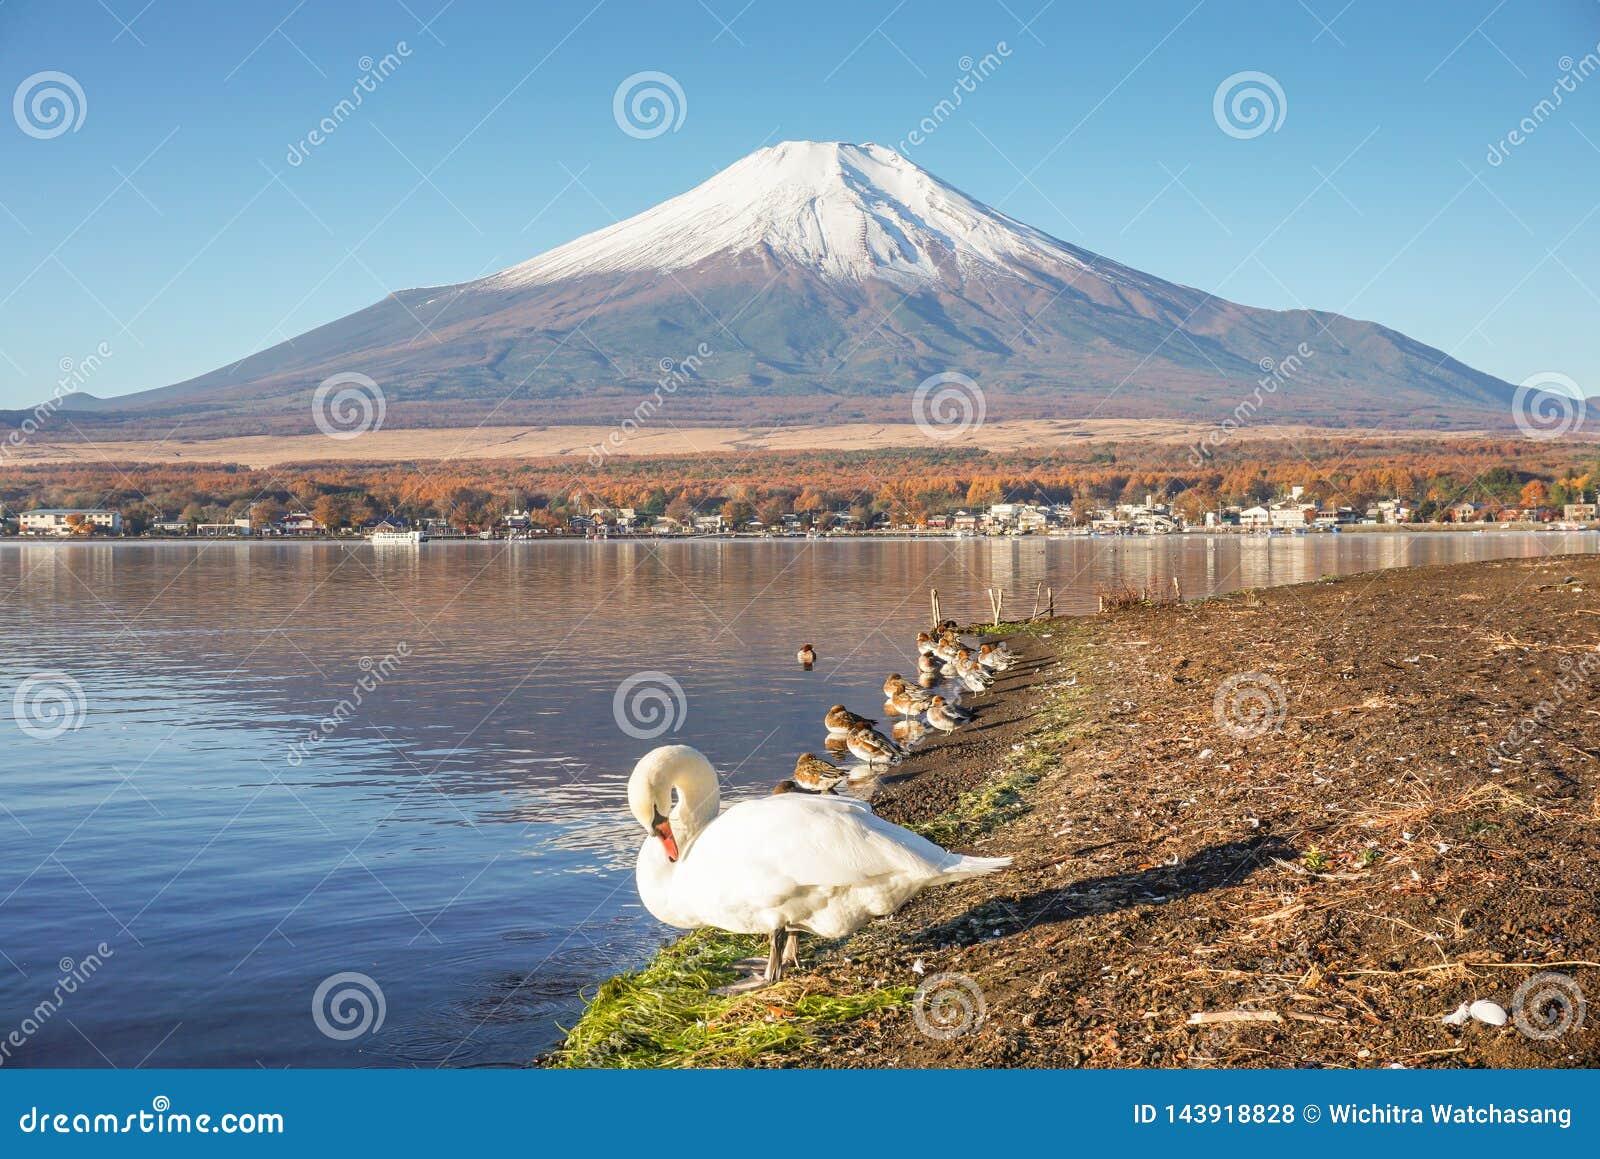 与天鹅的富士山在山中湖